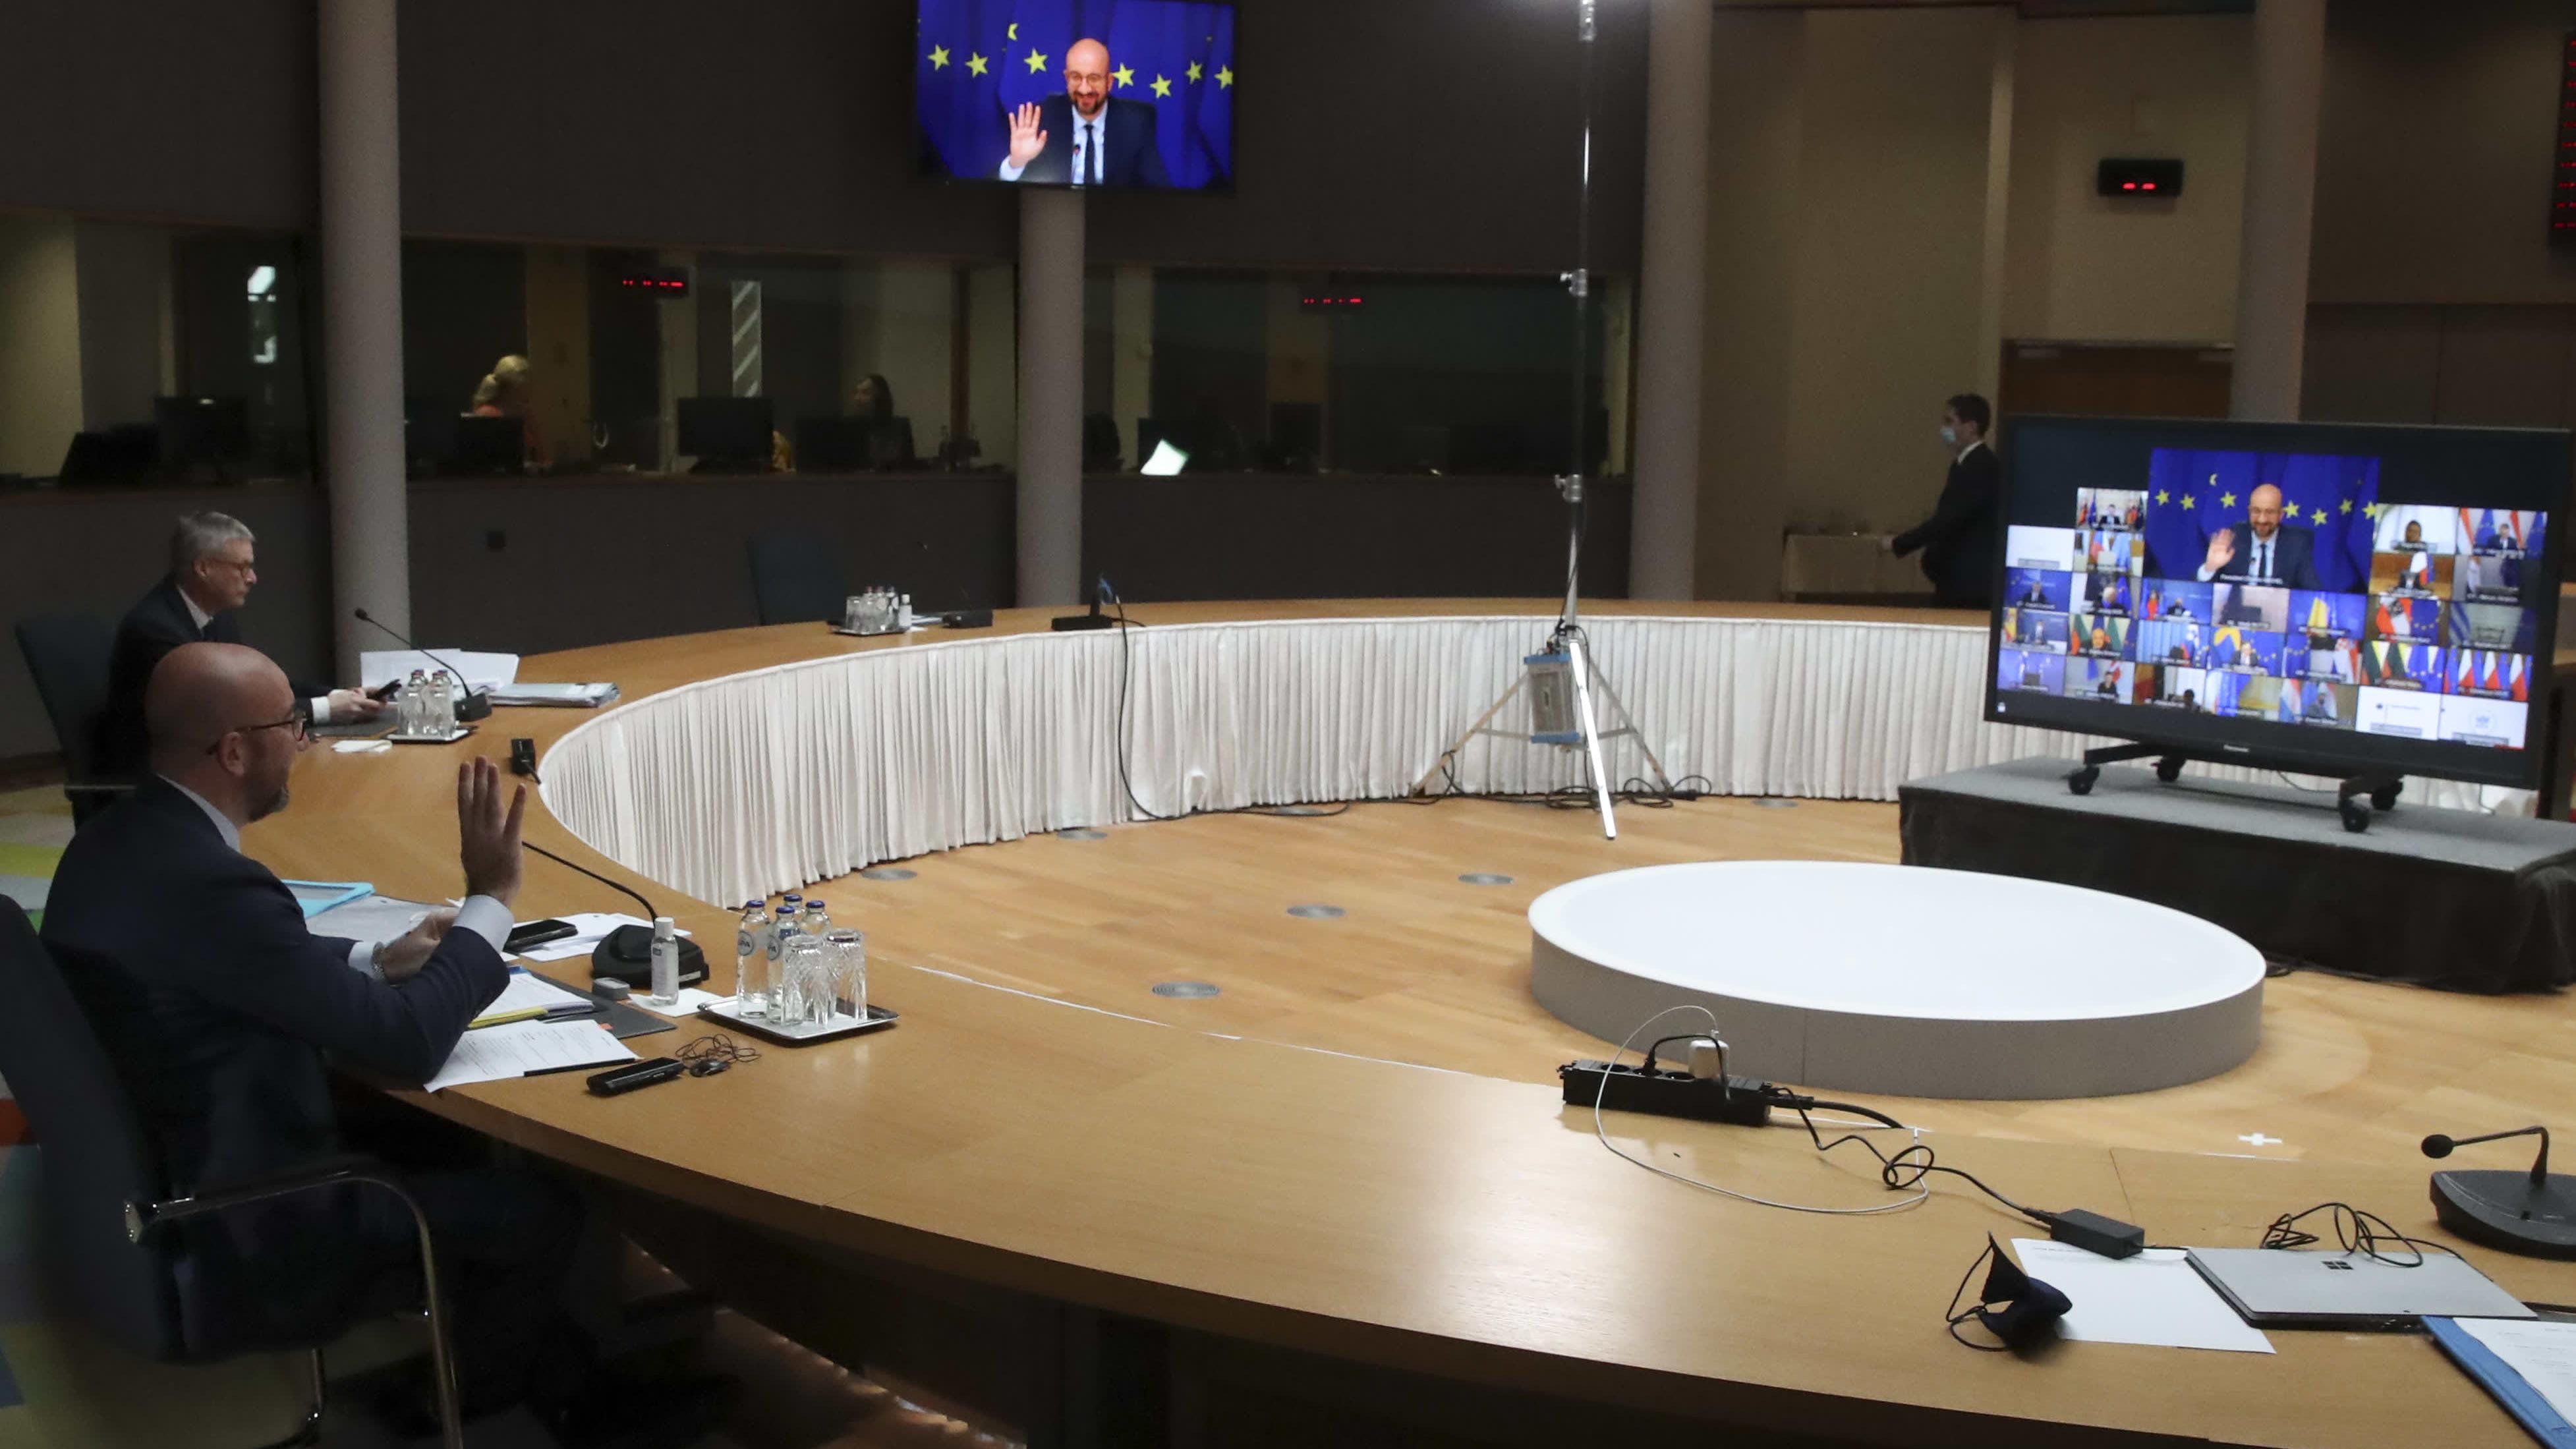 Charles Michel heiluttaa kättään näytöllä näkyville EU-maiden johtajille